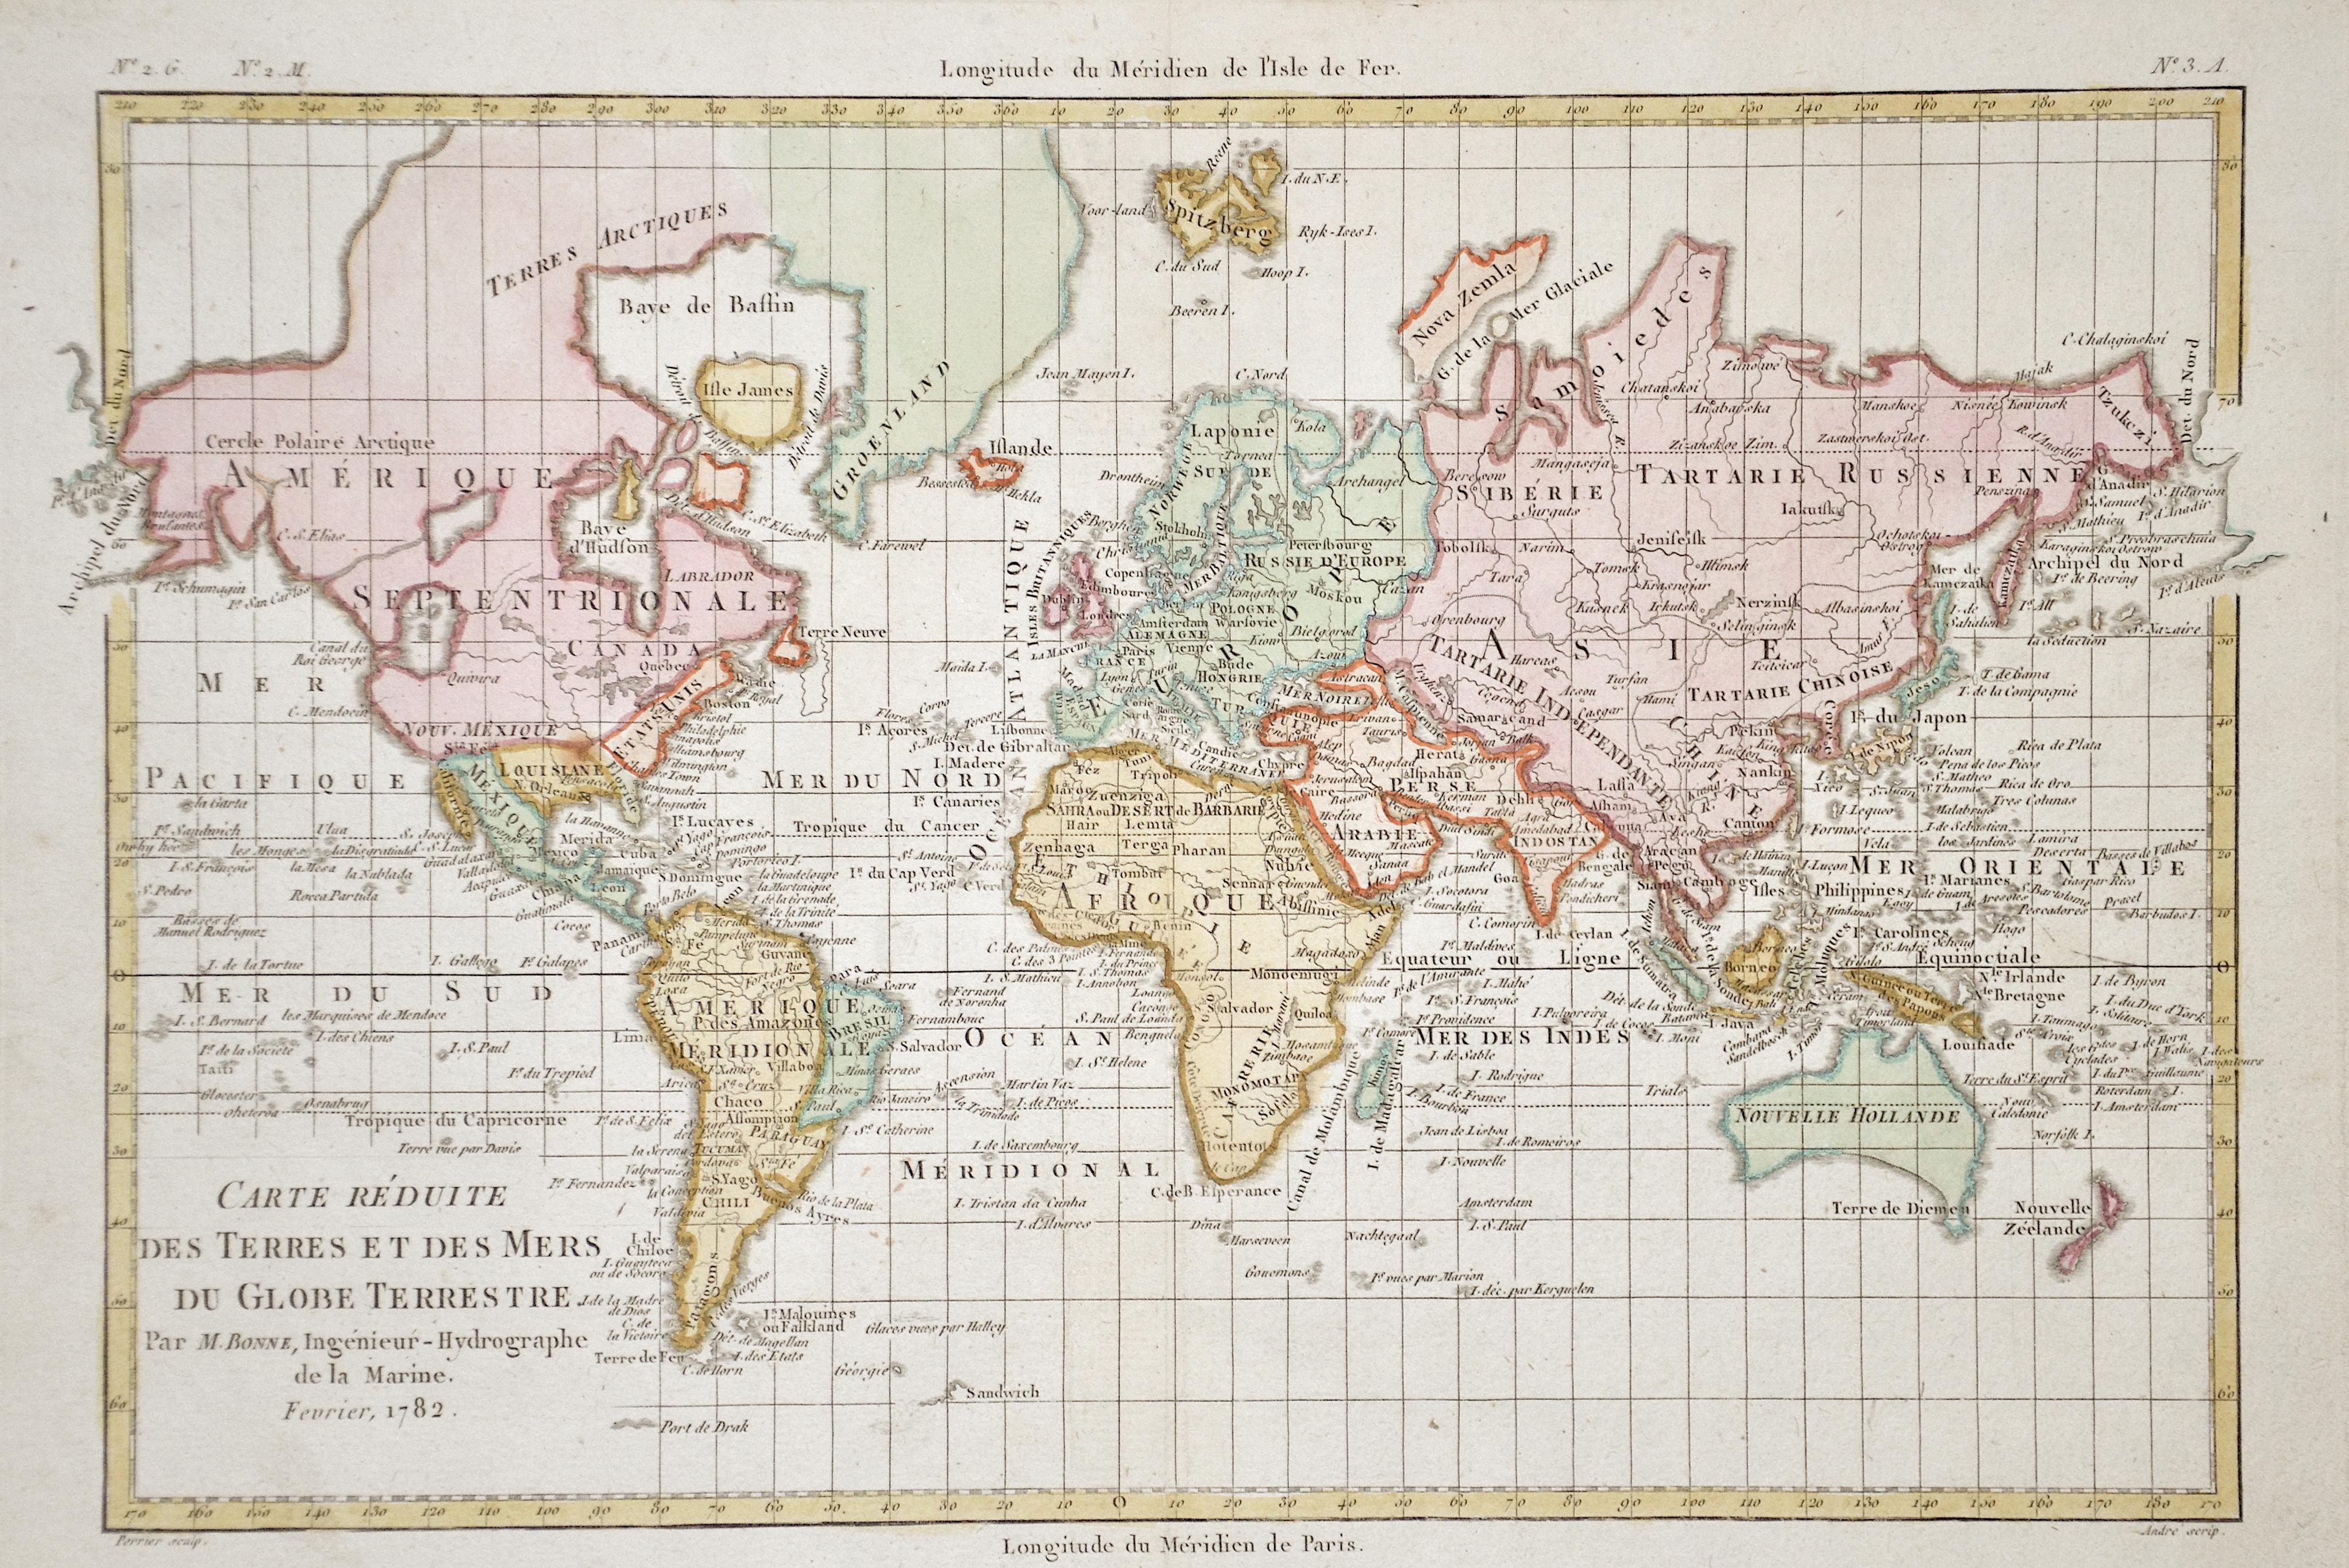 Bonne Rigobert Carte Réduite des Terres et des Mers du Globe Terrestre.